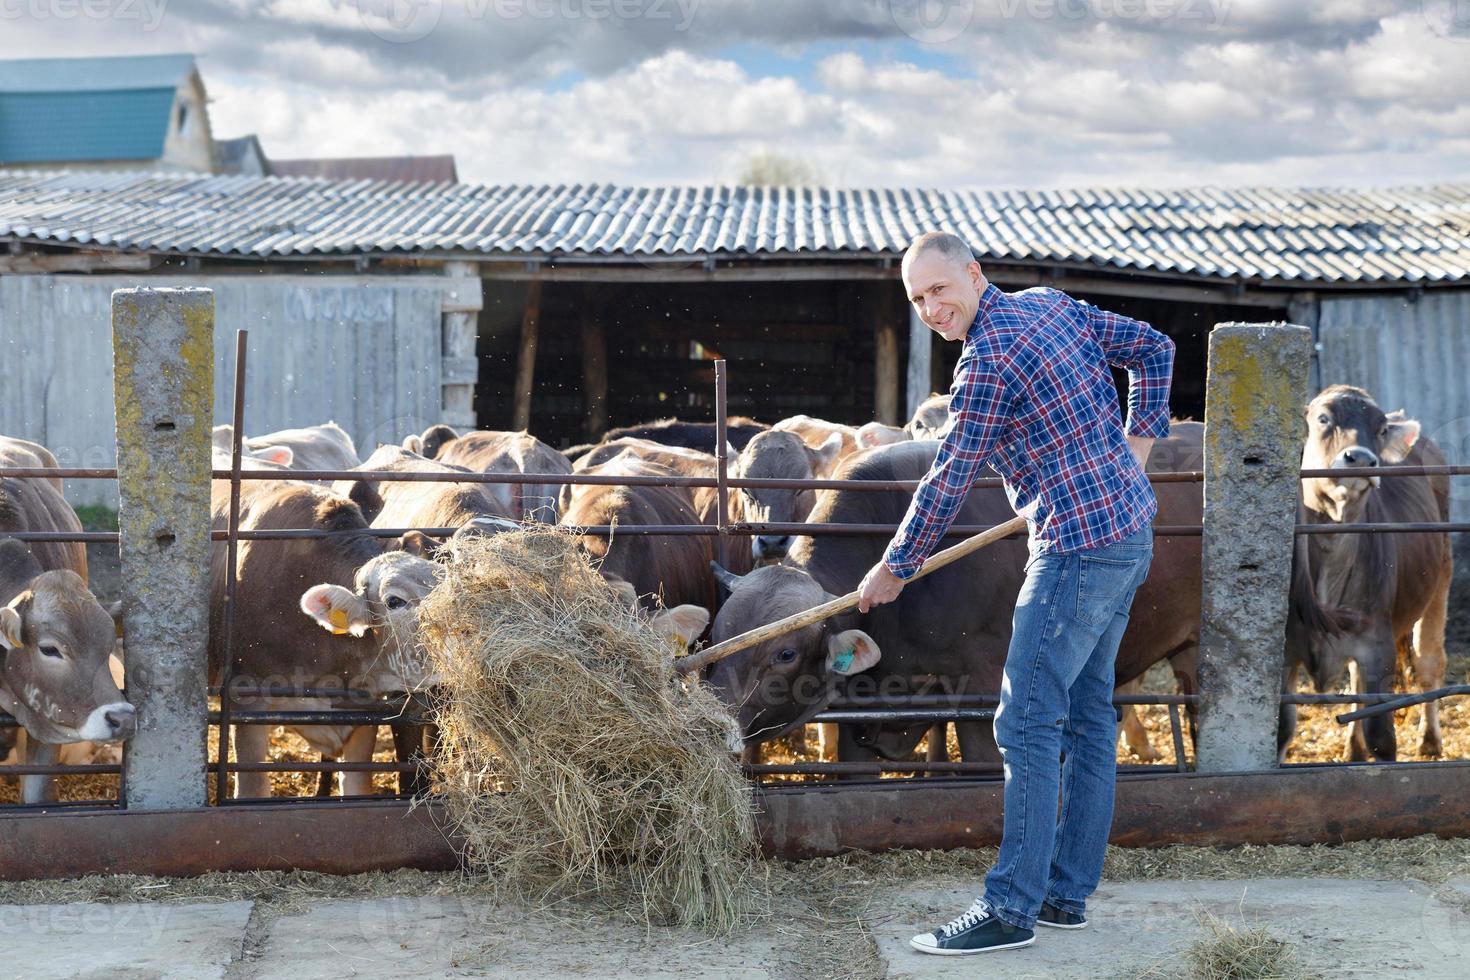 ranchero en una granja foto